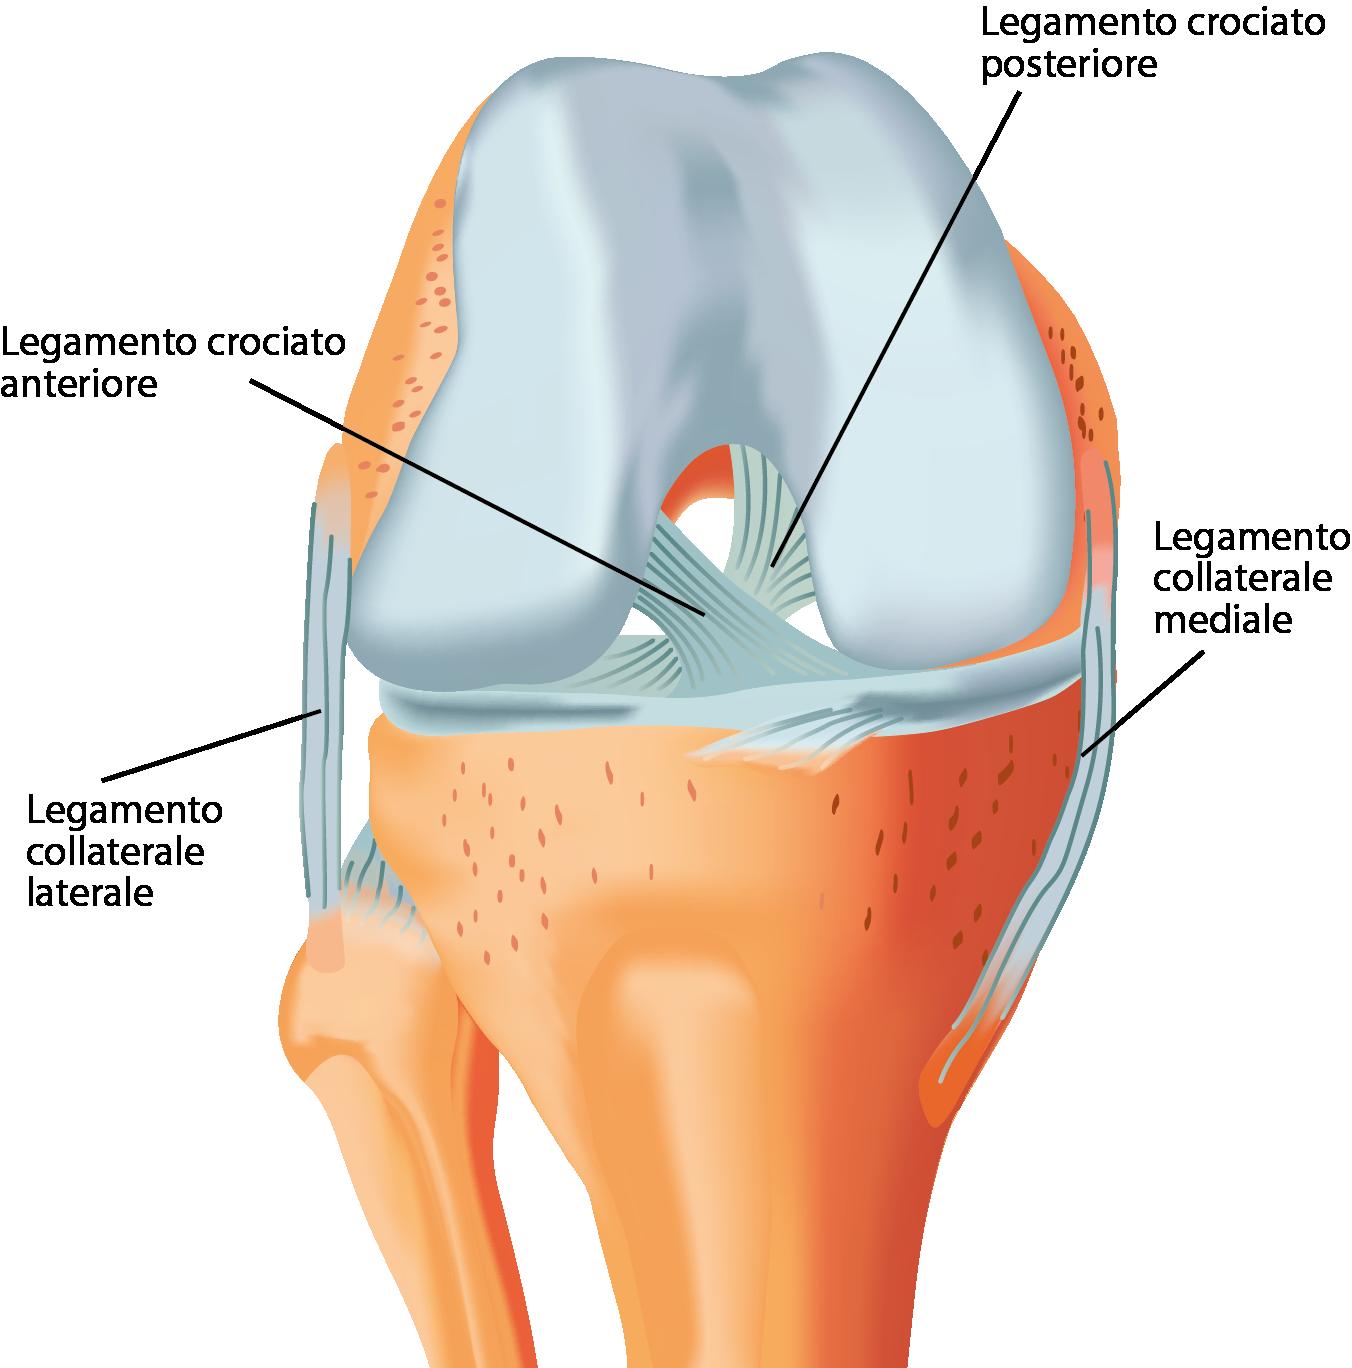 Osteoartrite (OA)